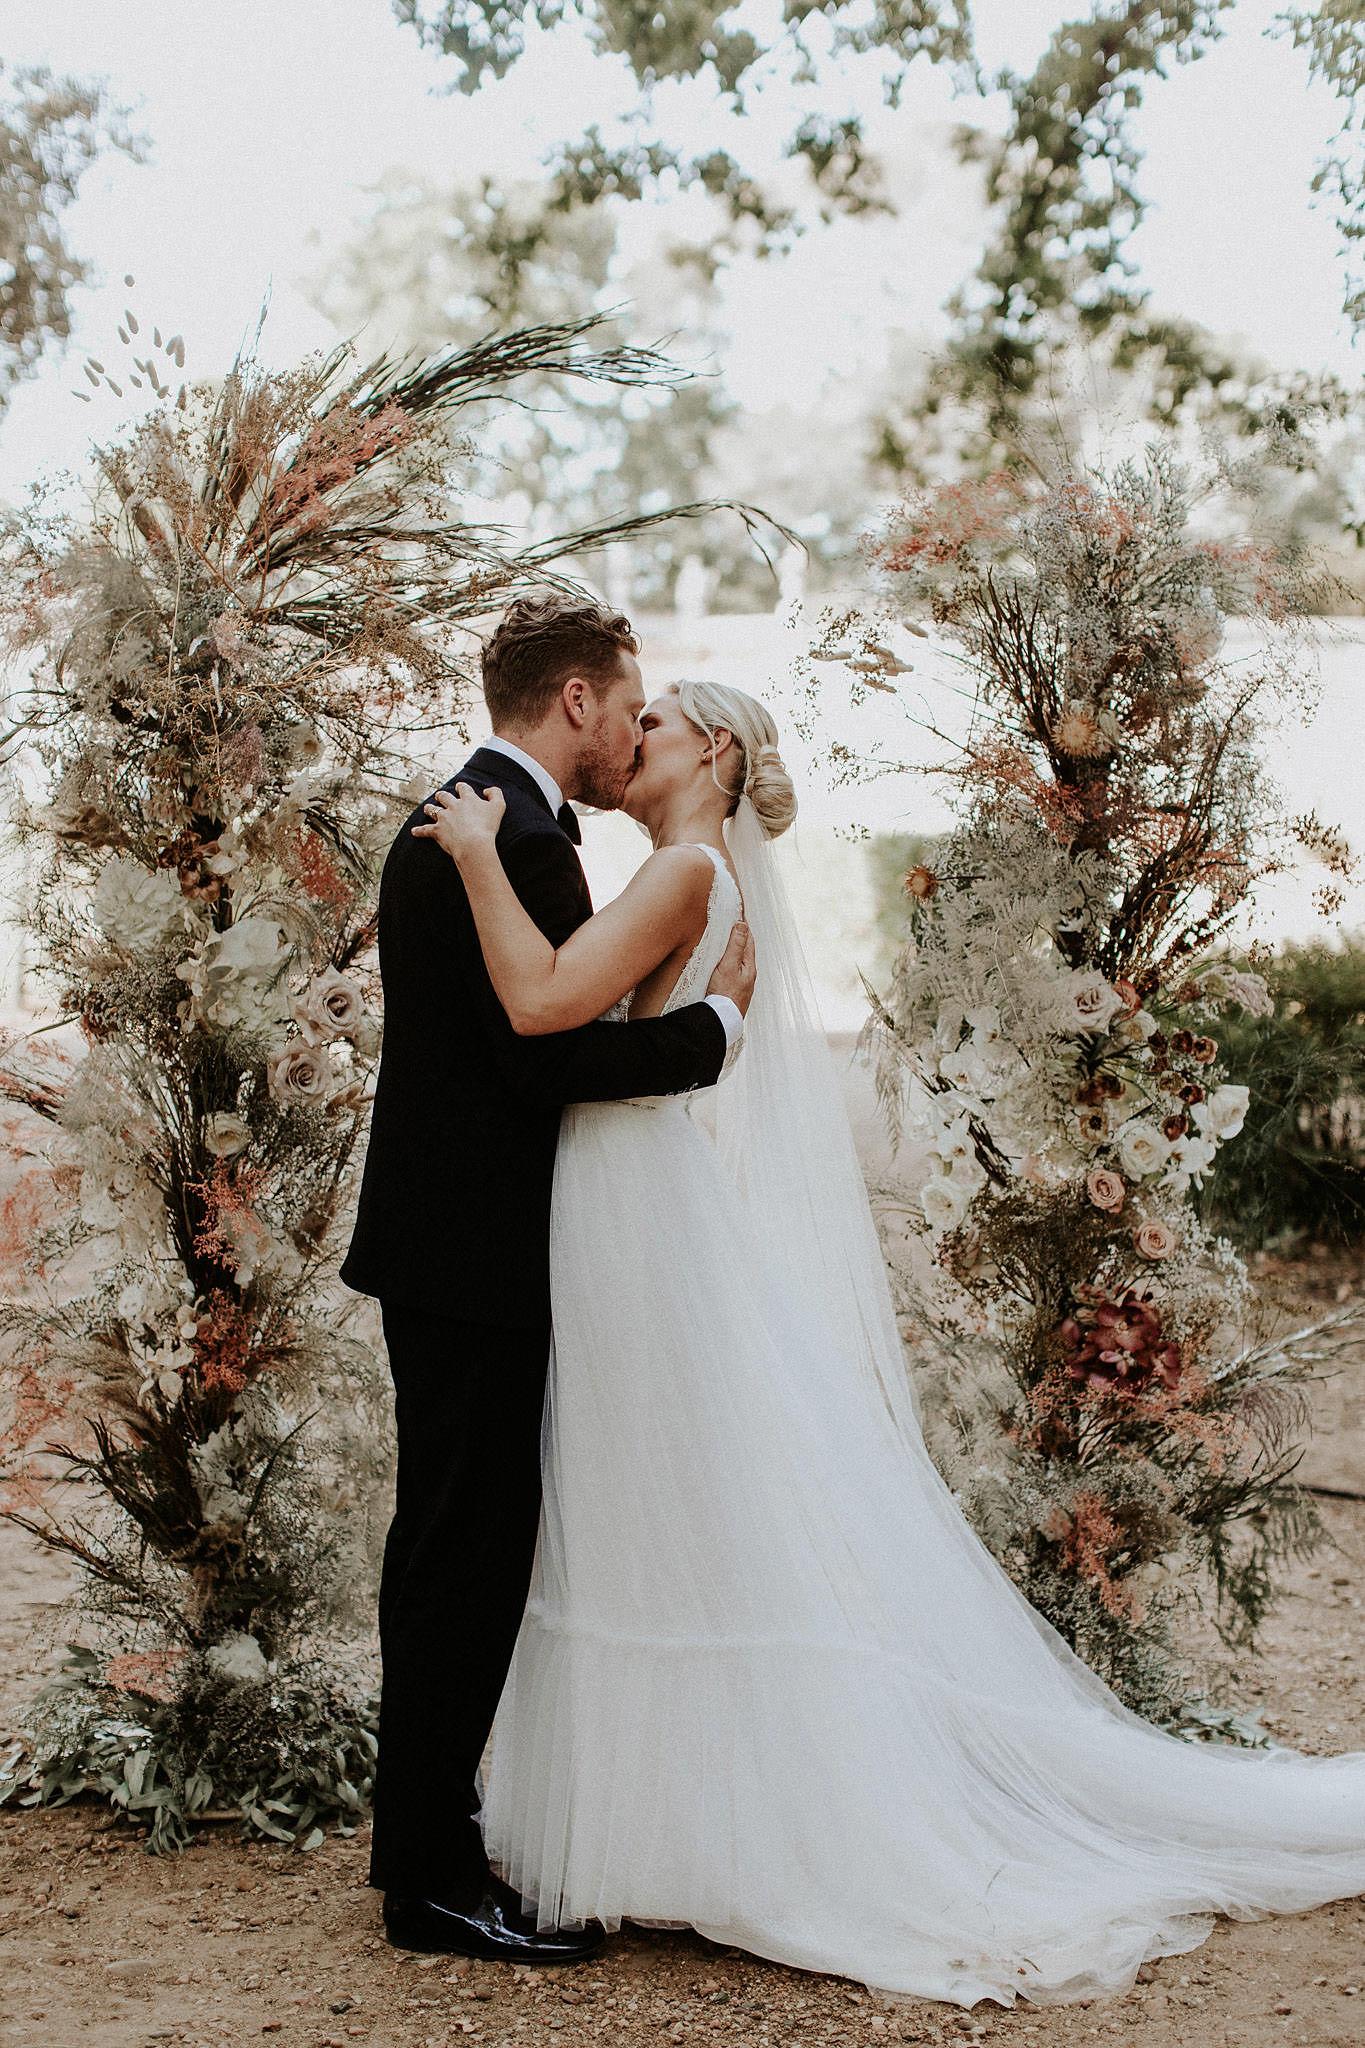 Mari+Rowan_weddingday_00336